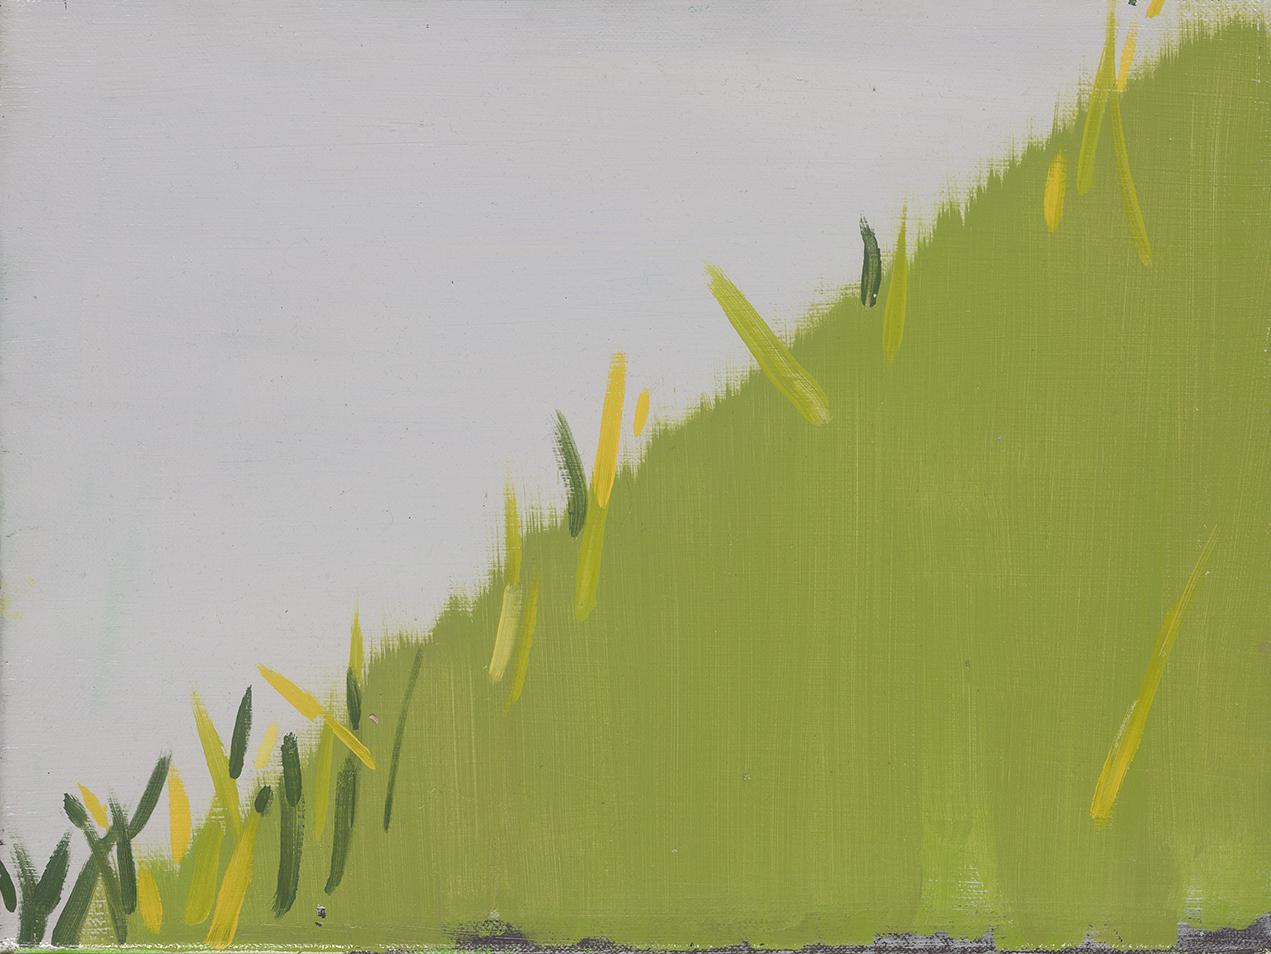 Grass,oil on linen, 30 x 40 cm